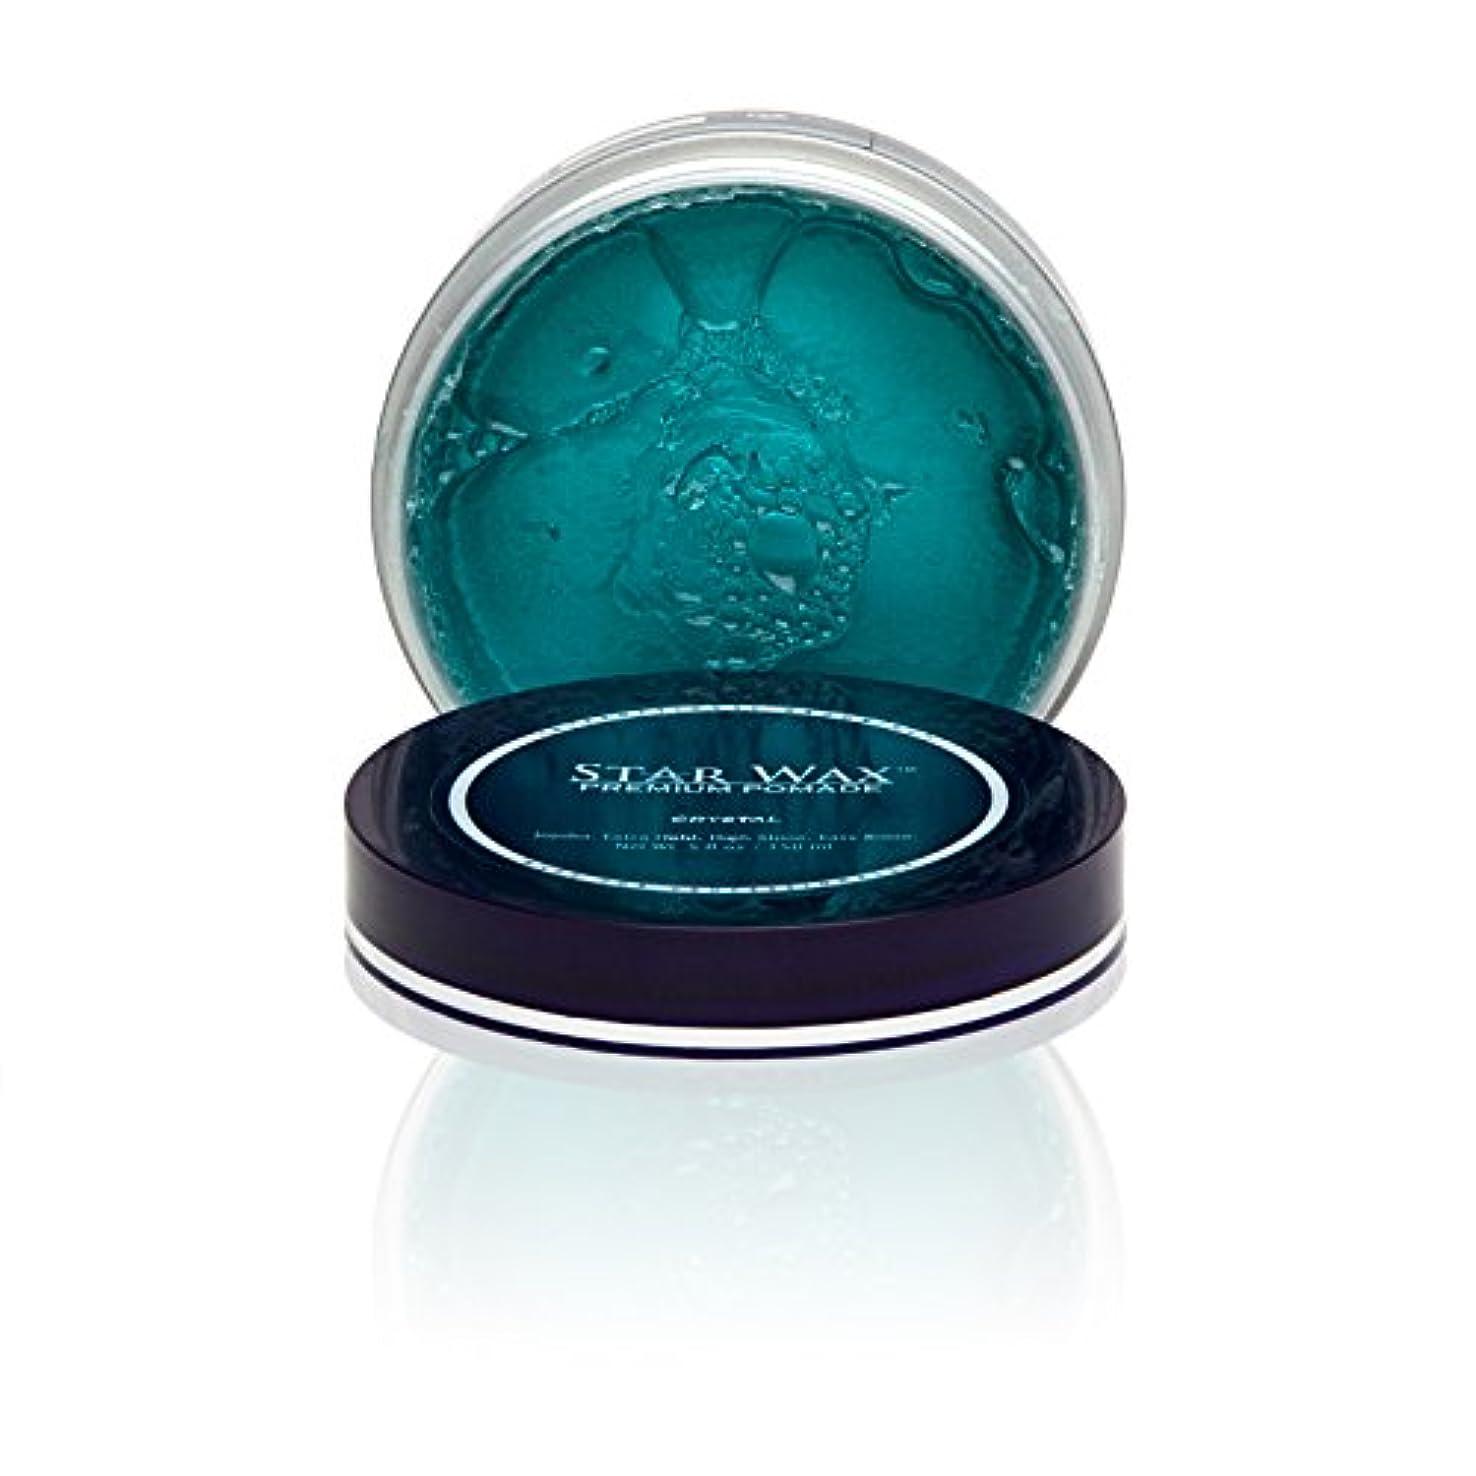 議会段落カラスStar Wax | Premium Pomade, Crystal(スターワックスプレミアム ポマード「クリスタル」)?Star Pro Line(スタープロライン)製?5(液量)オンス/150ml